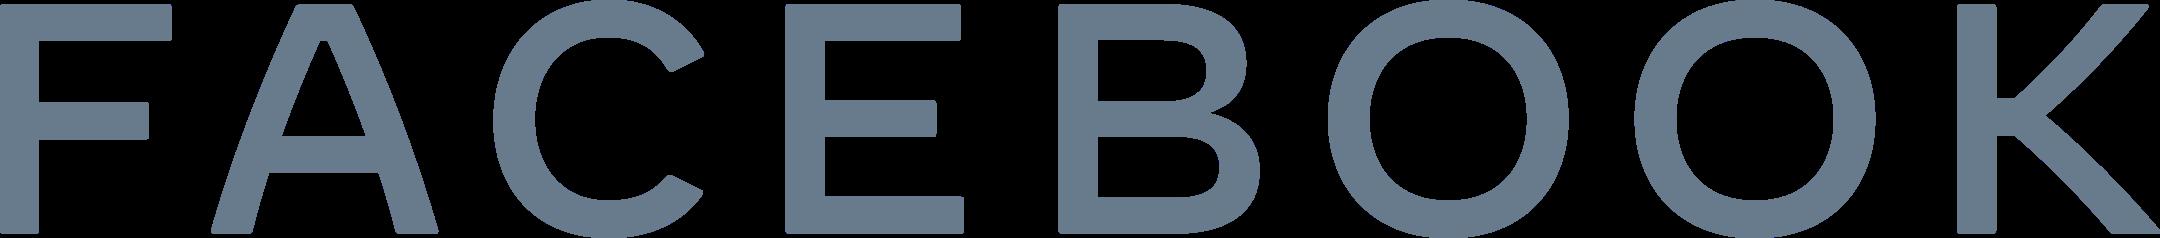 facebook inc logo 1 - FACEBOOK Inc. Logo